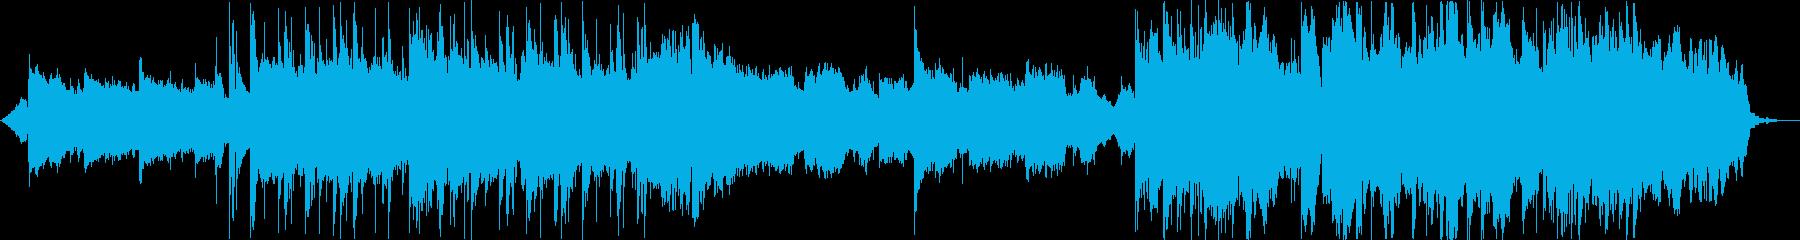 キラキラなBGMの再生済みの波形